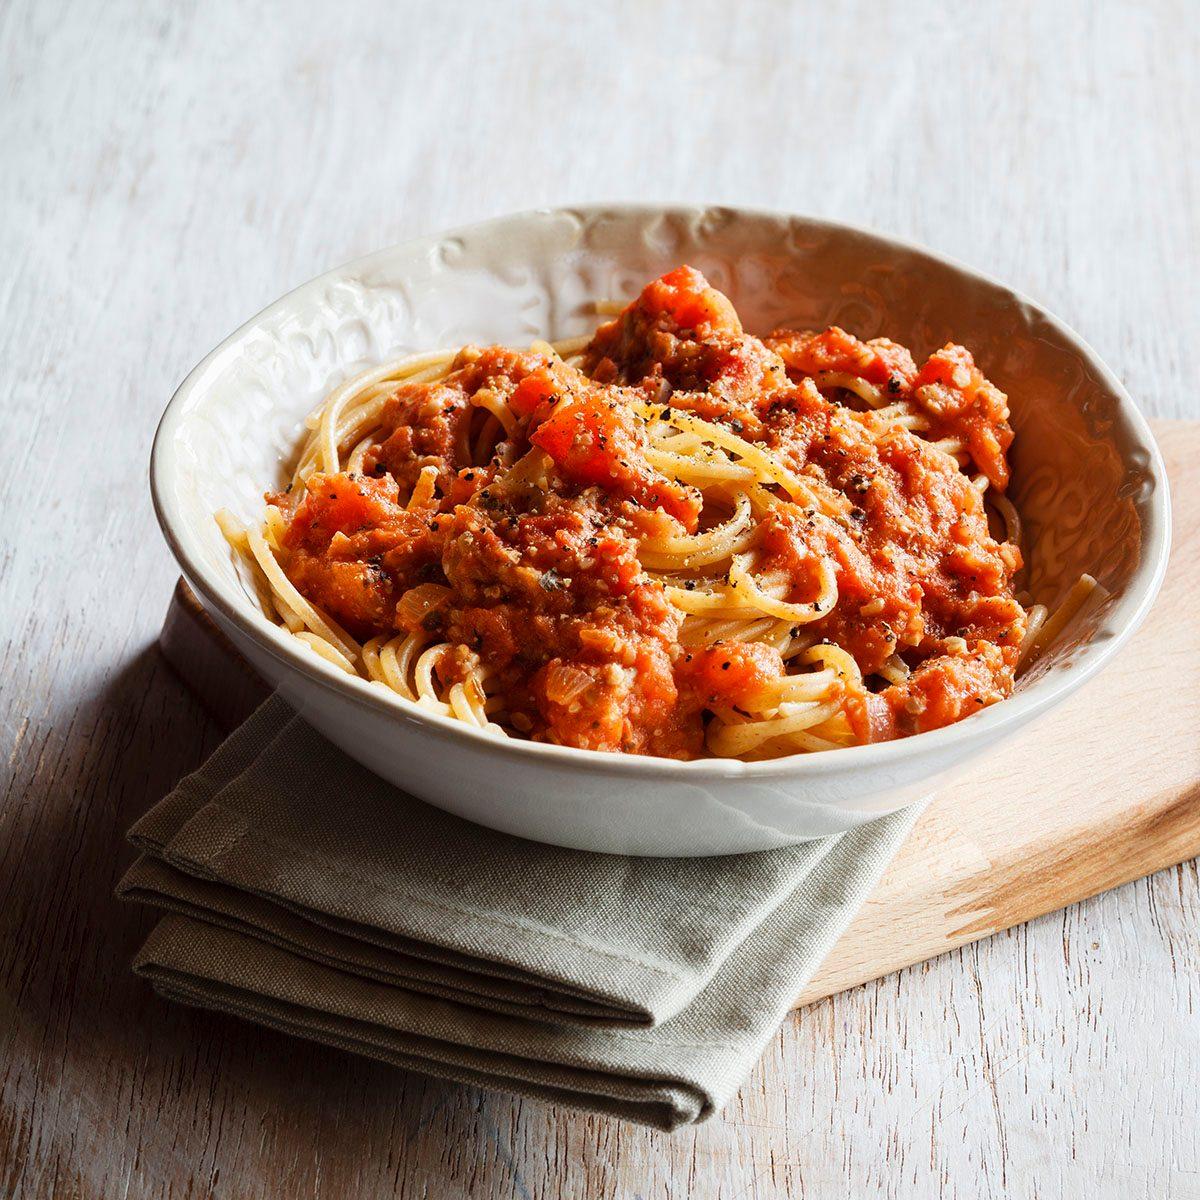 Studio, Vollkorn-Spaghetti mit veganer Bolognese aus Grünkern und Sonnenblumensamen